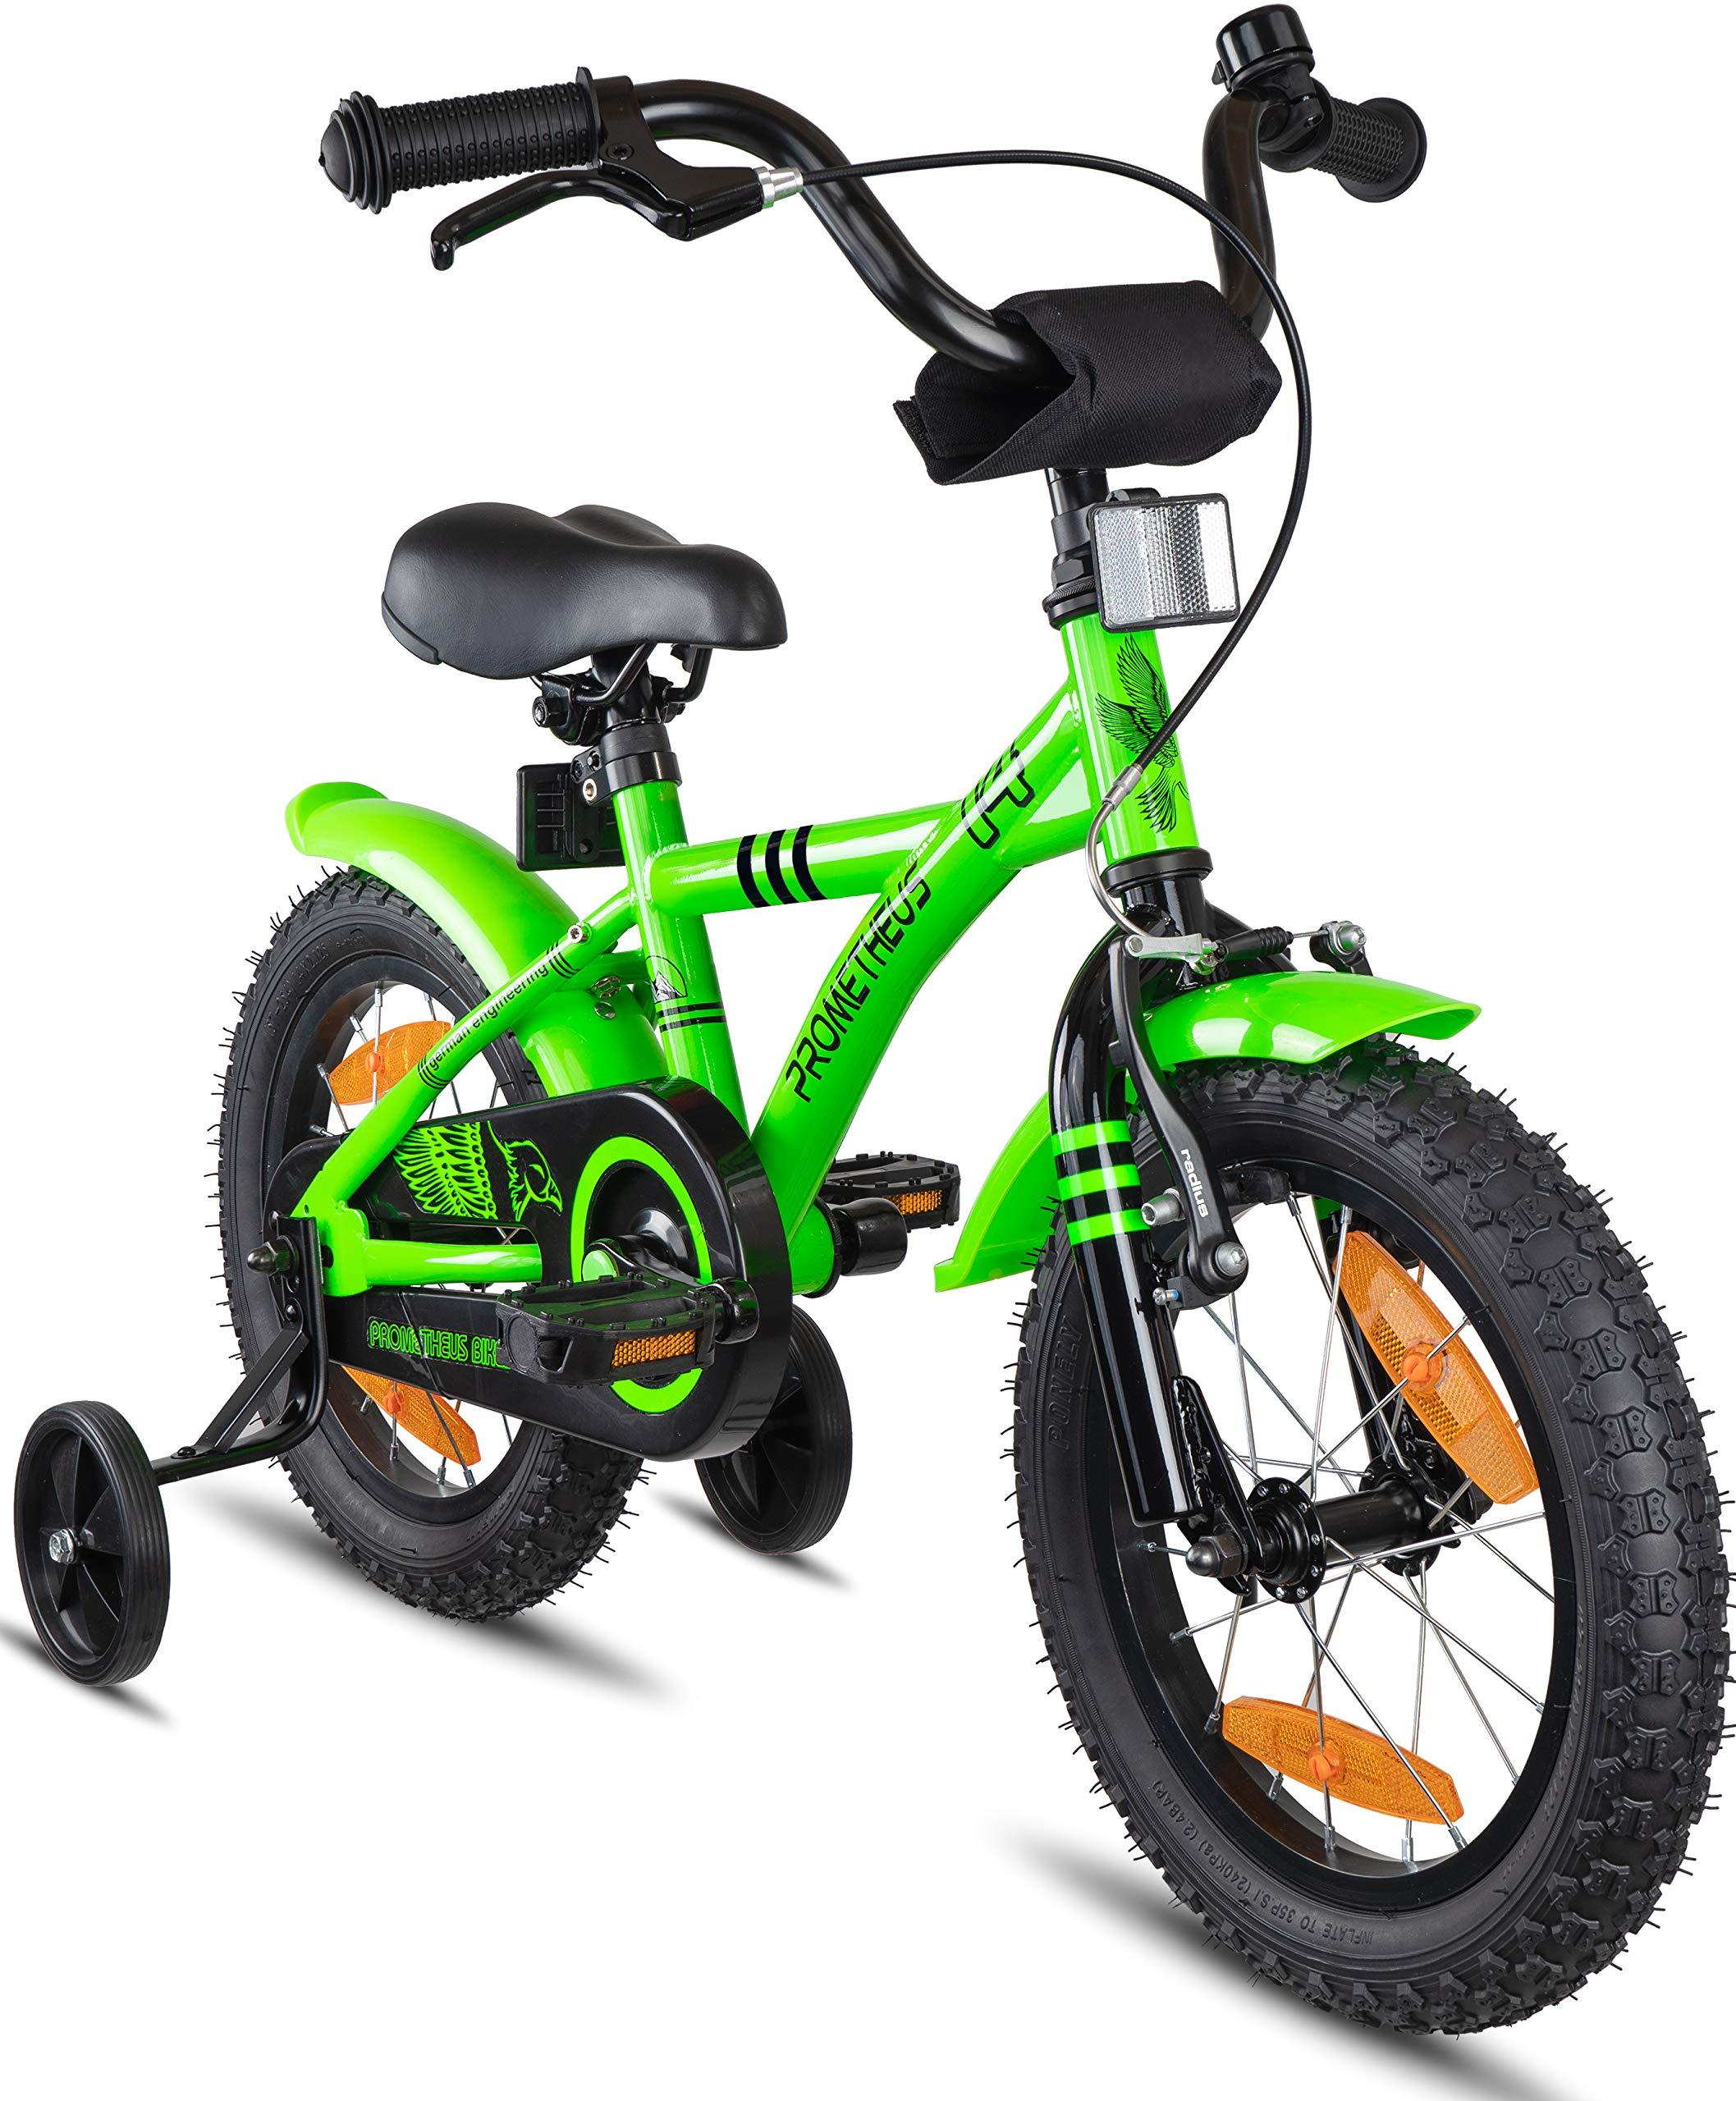 Prometheus Bicicleta Infantil | 14 Pulgadas | niño y niña | Verde Negro | A Partir de 4 años | con ruedines y Freno de contrapedal | 14